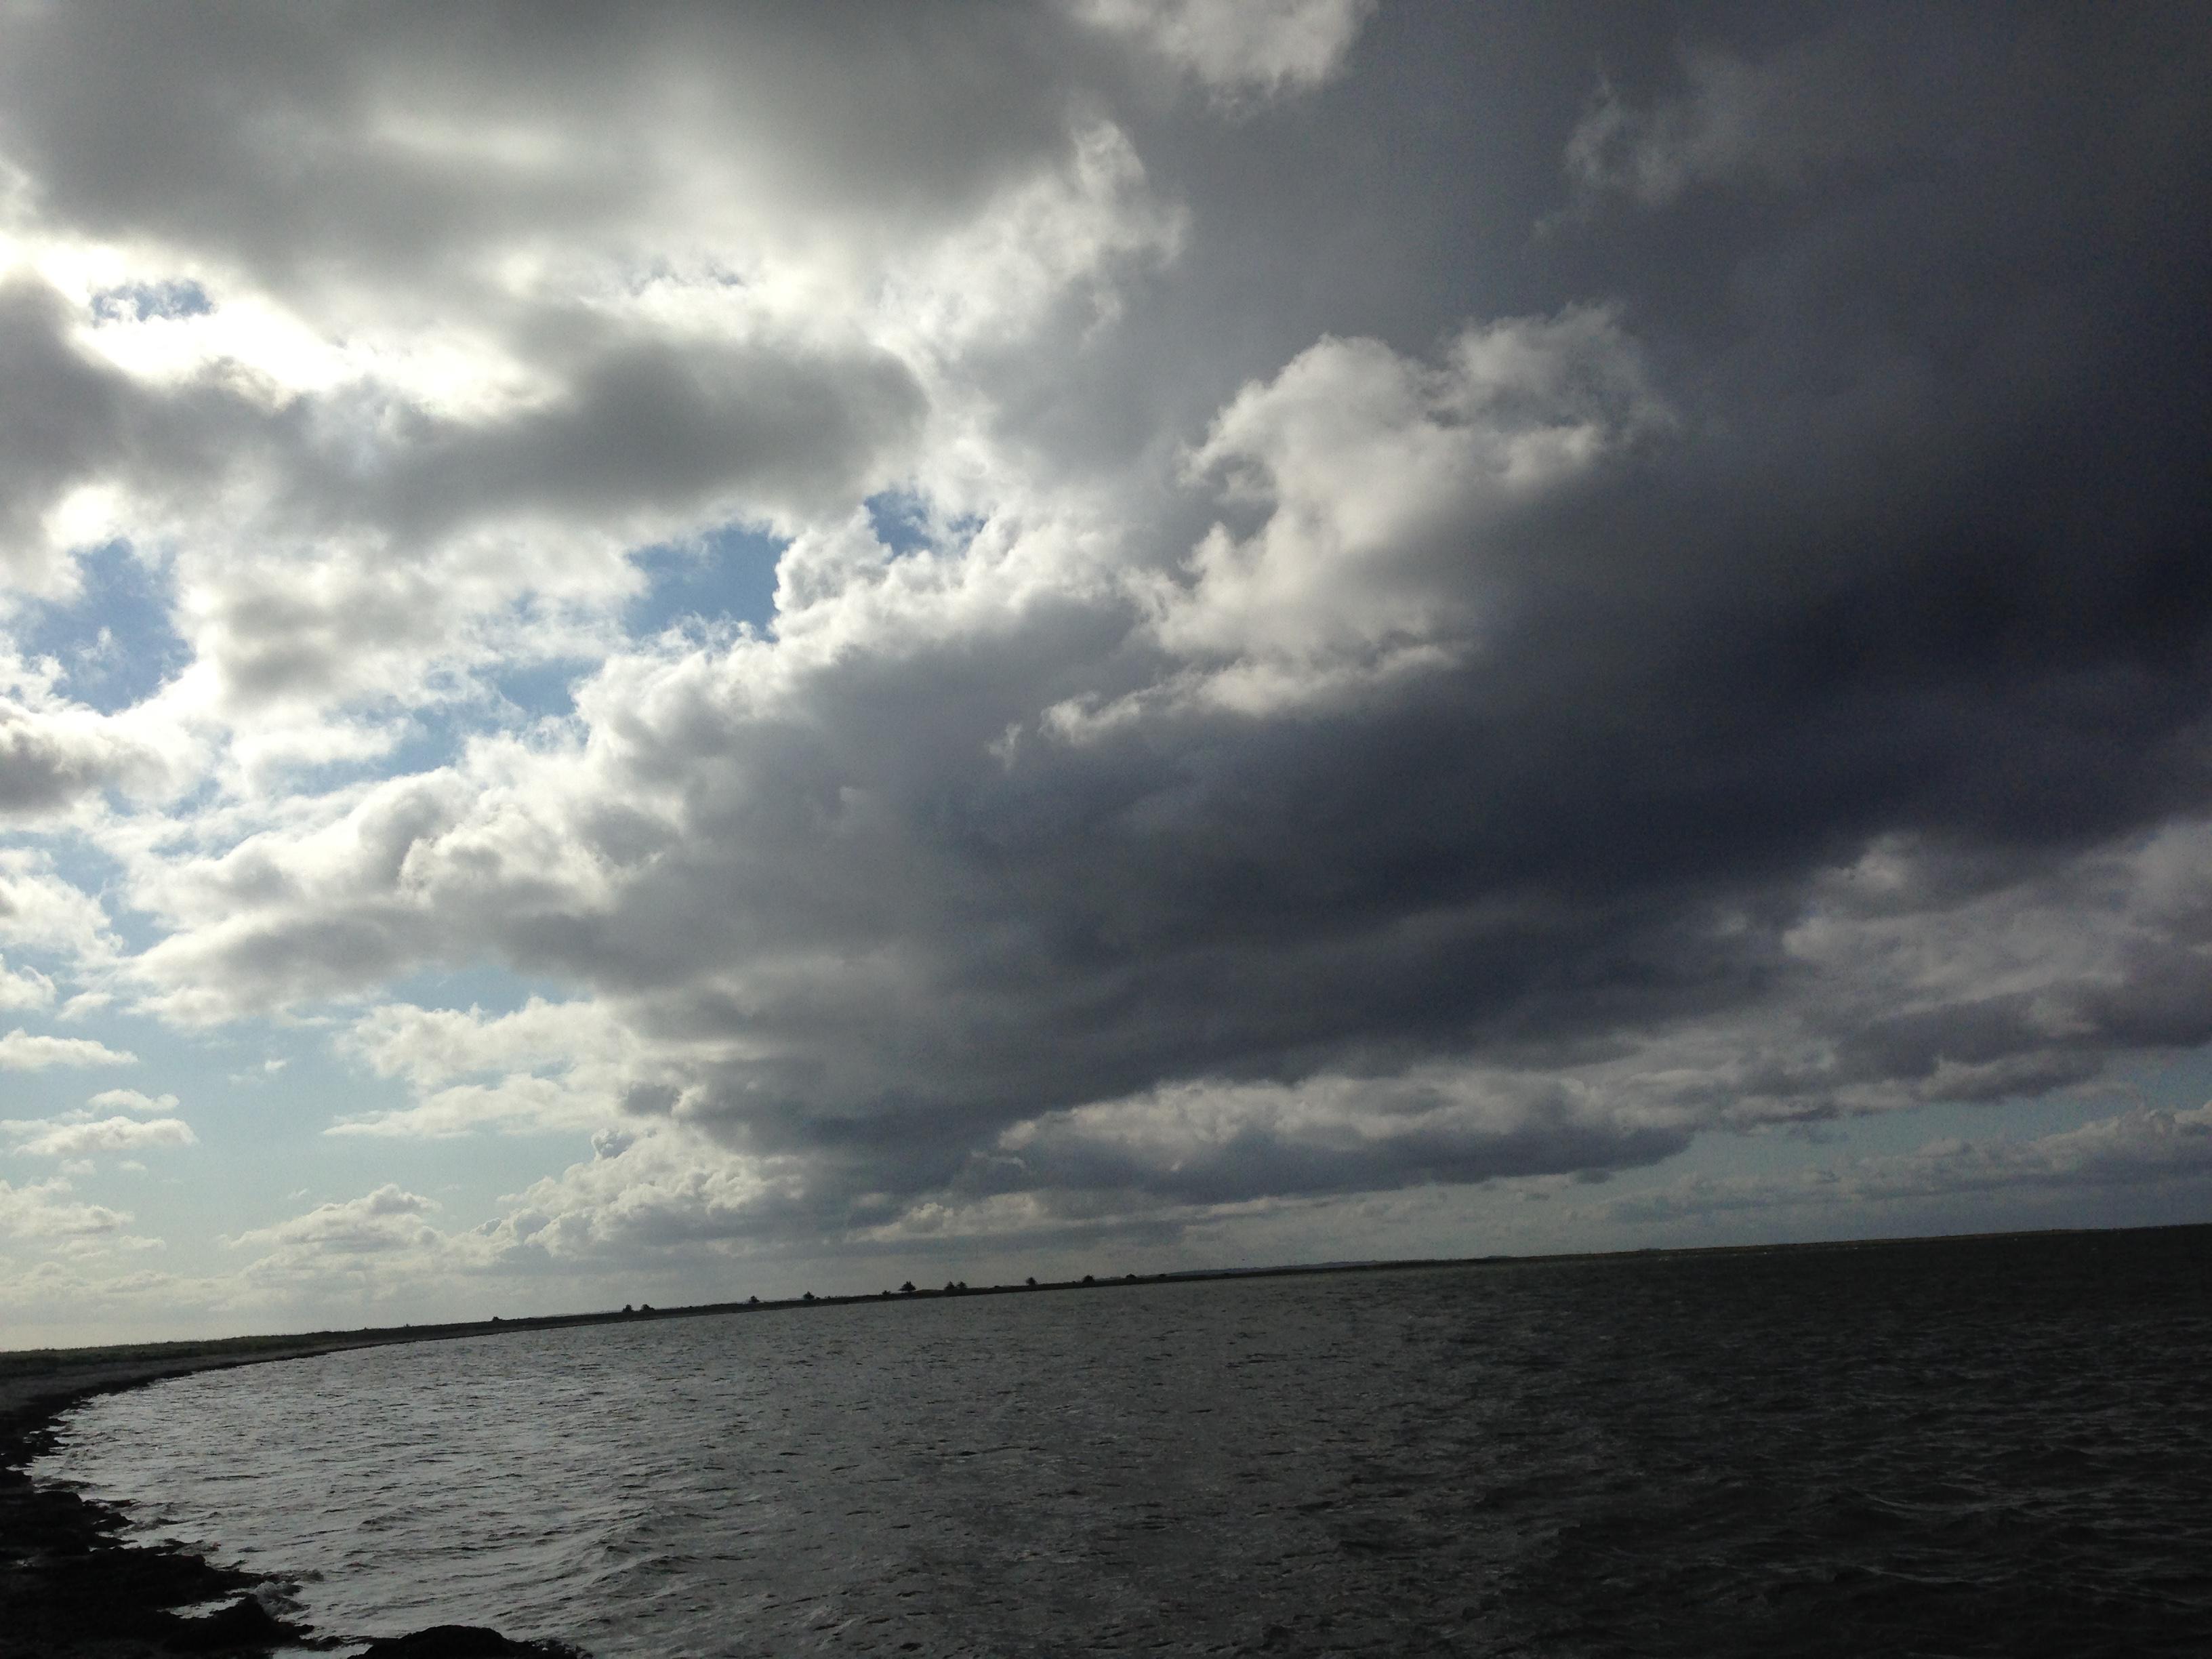 Zwillingsratgeber iphone_mai2016-1151 Dänemark - Tour an der Küste lang